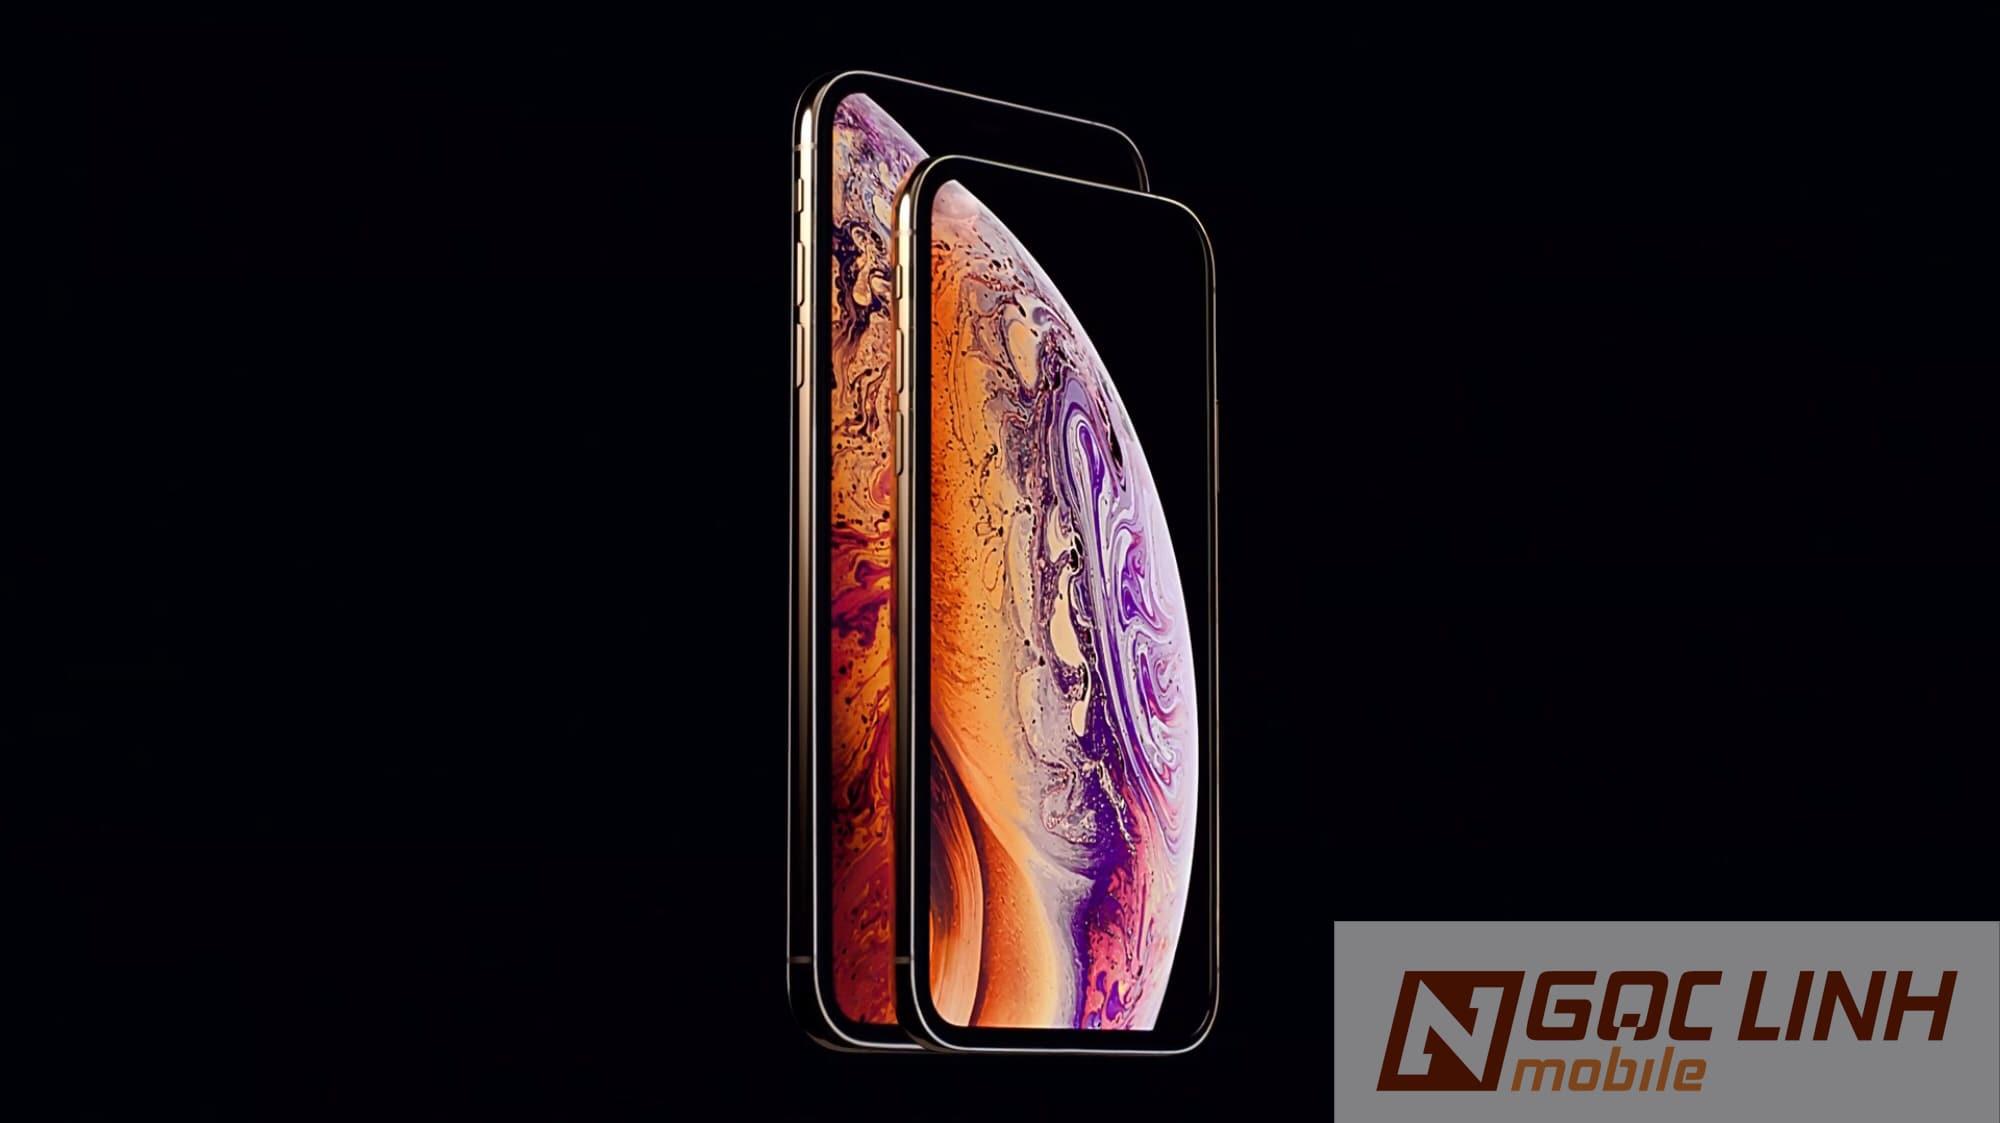 iPhone Xs Max iPhone - Đâu là chiếc iPhone đáng mua nhất năm 2018?